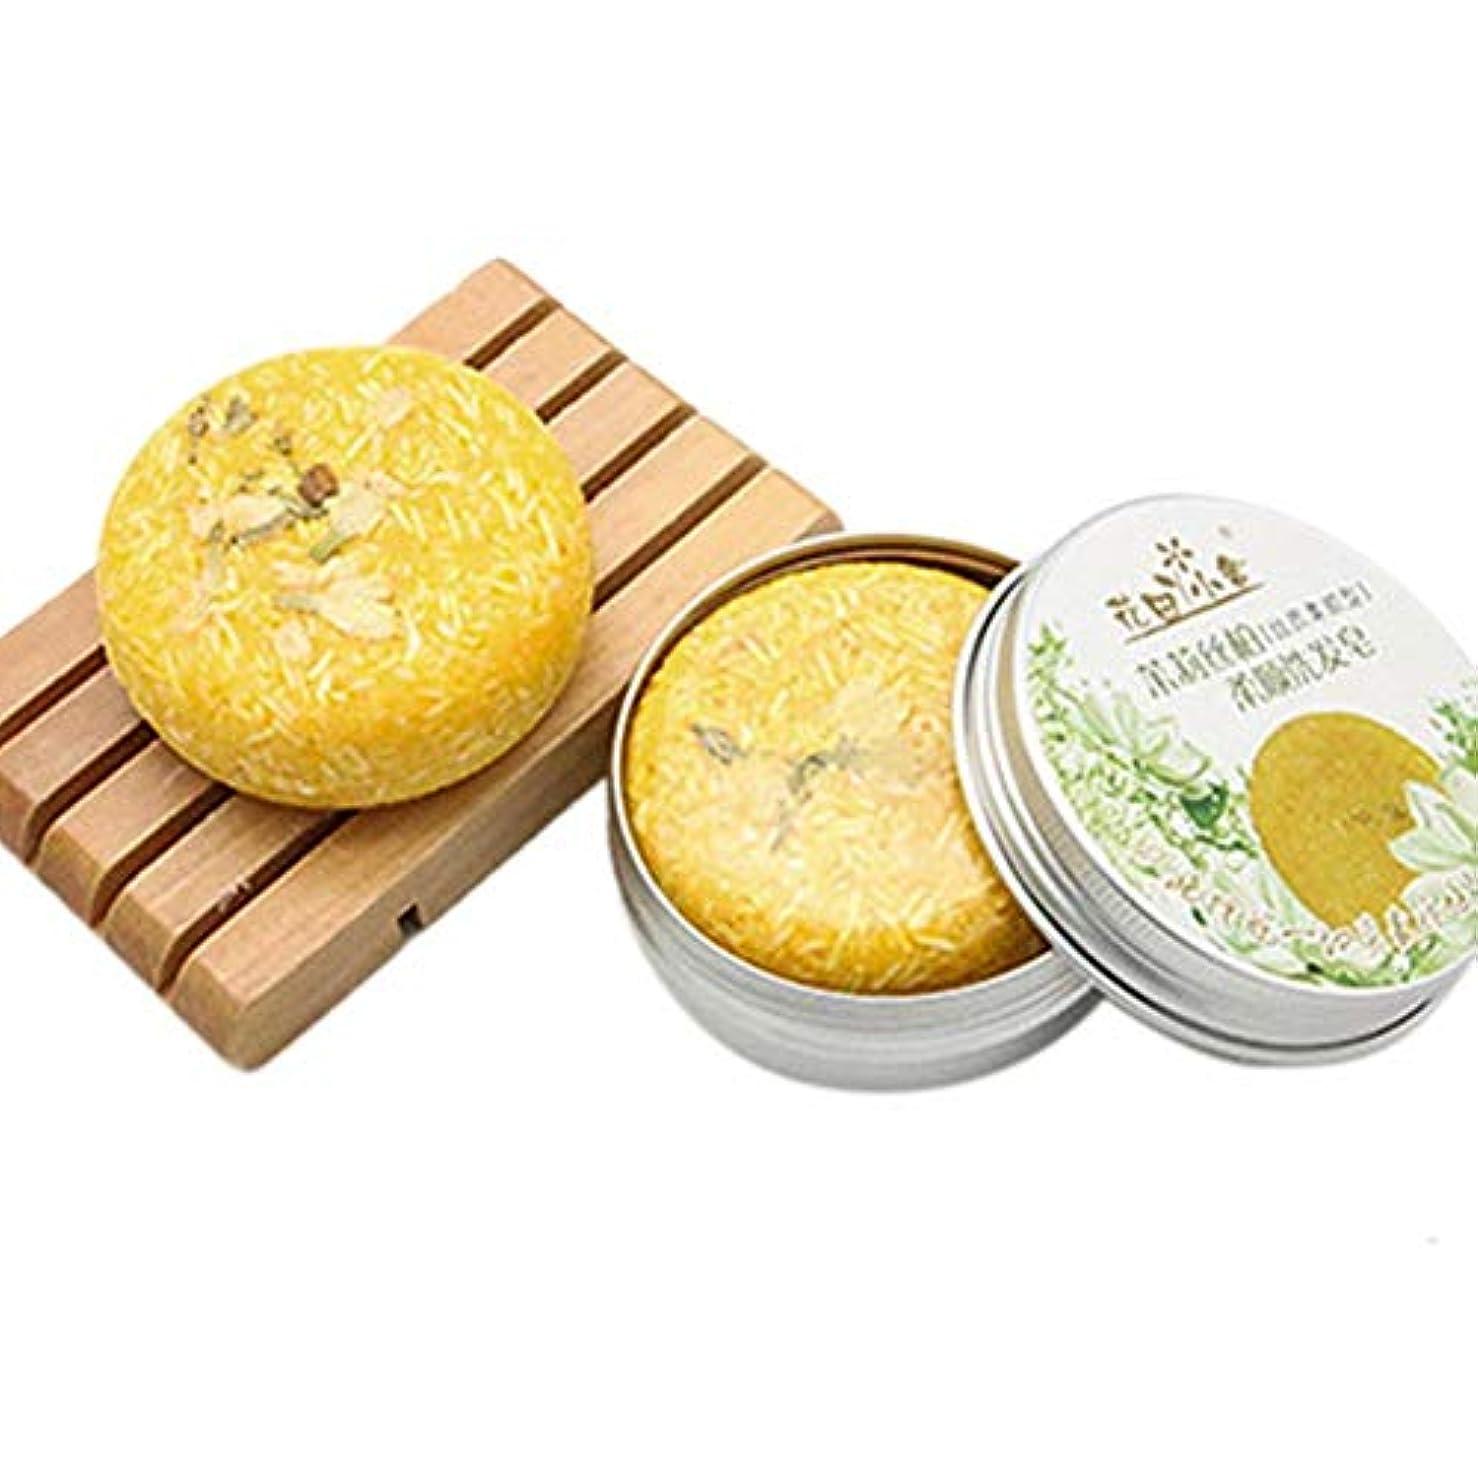 テクトニック会社マウントバンクローズマリーシャンプー石鹸、スカルプラベンダー植物油ヘアケアシャンプー、アルミボックス包装